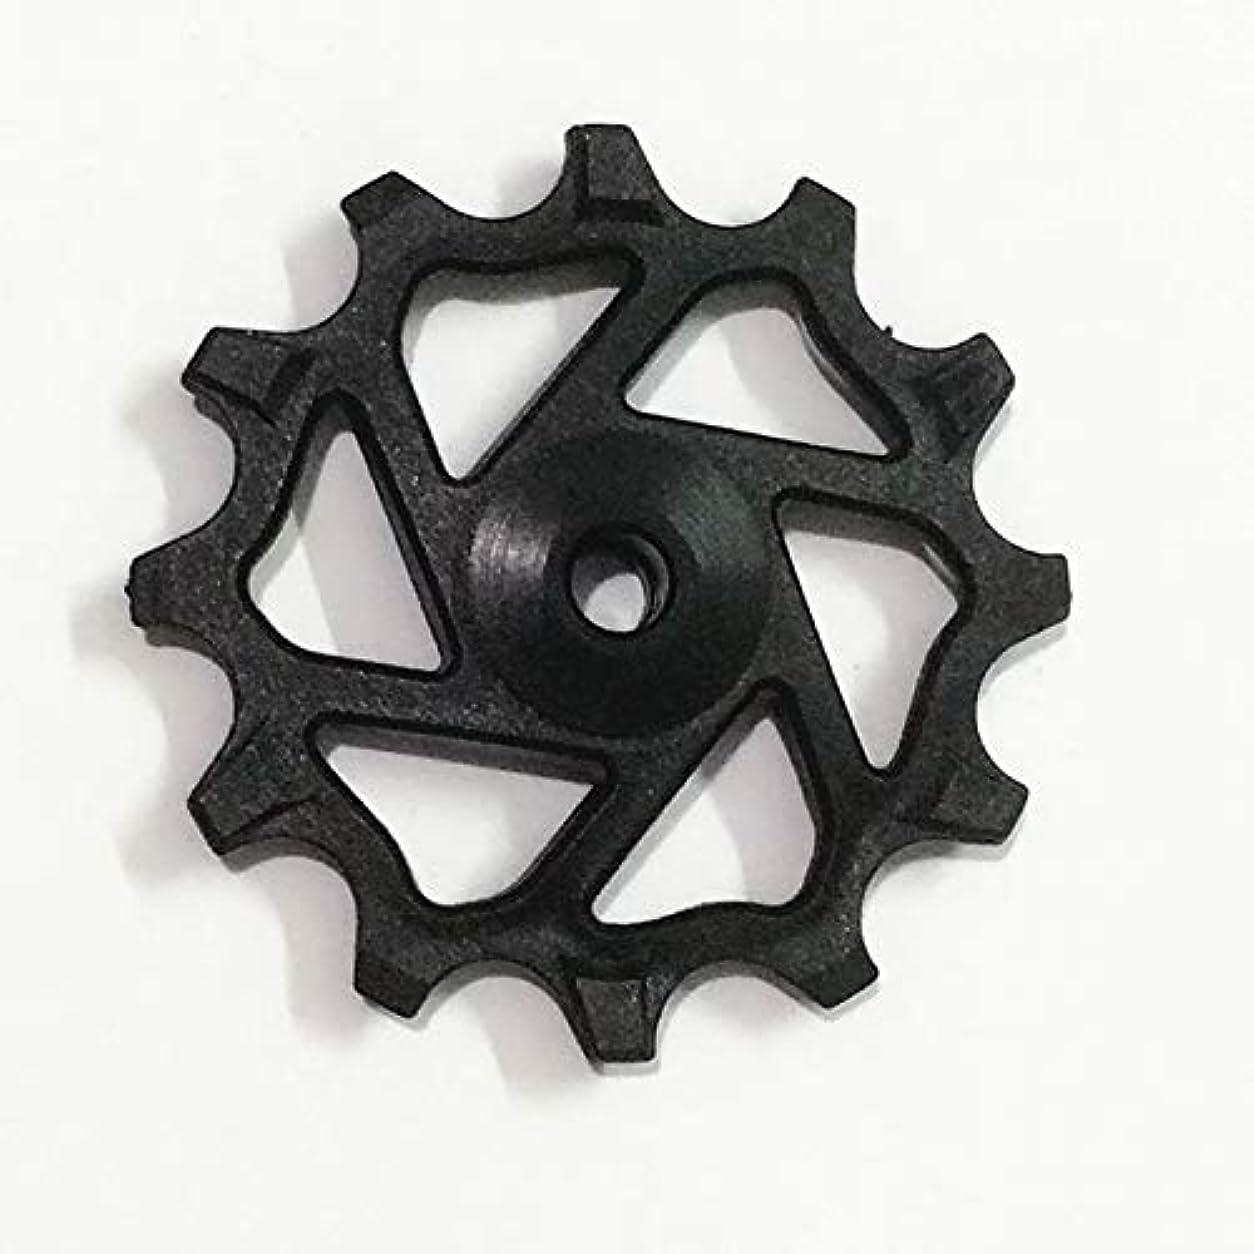 感じる不安定防衛Propenary - 自転車レジン12T狭い広い静かなリアディレイラージョッキーホイールロードマウンテンバイクガイドローラーアイドラープーリー自転車パーツ